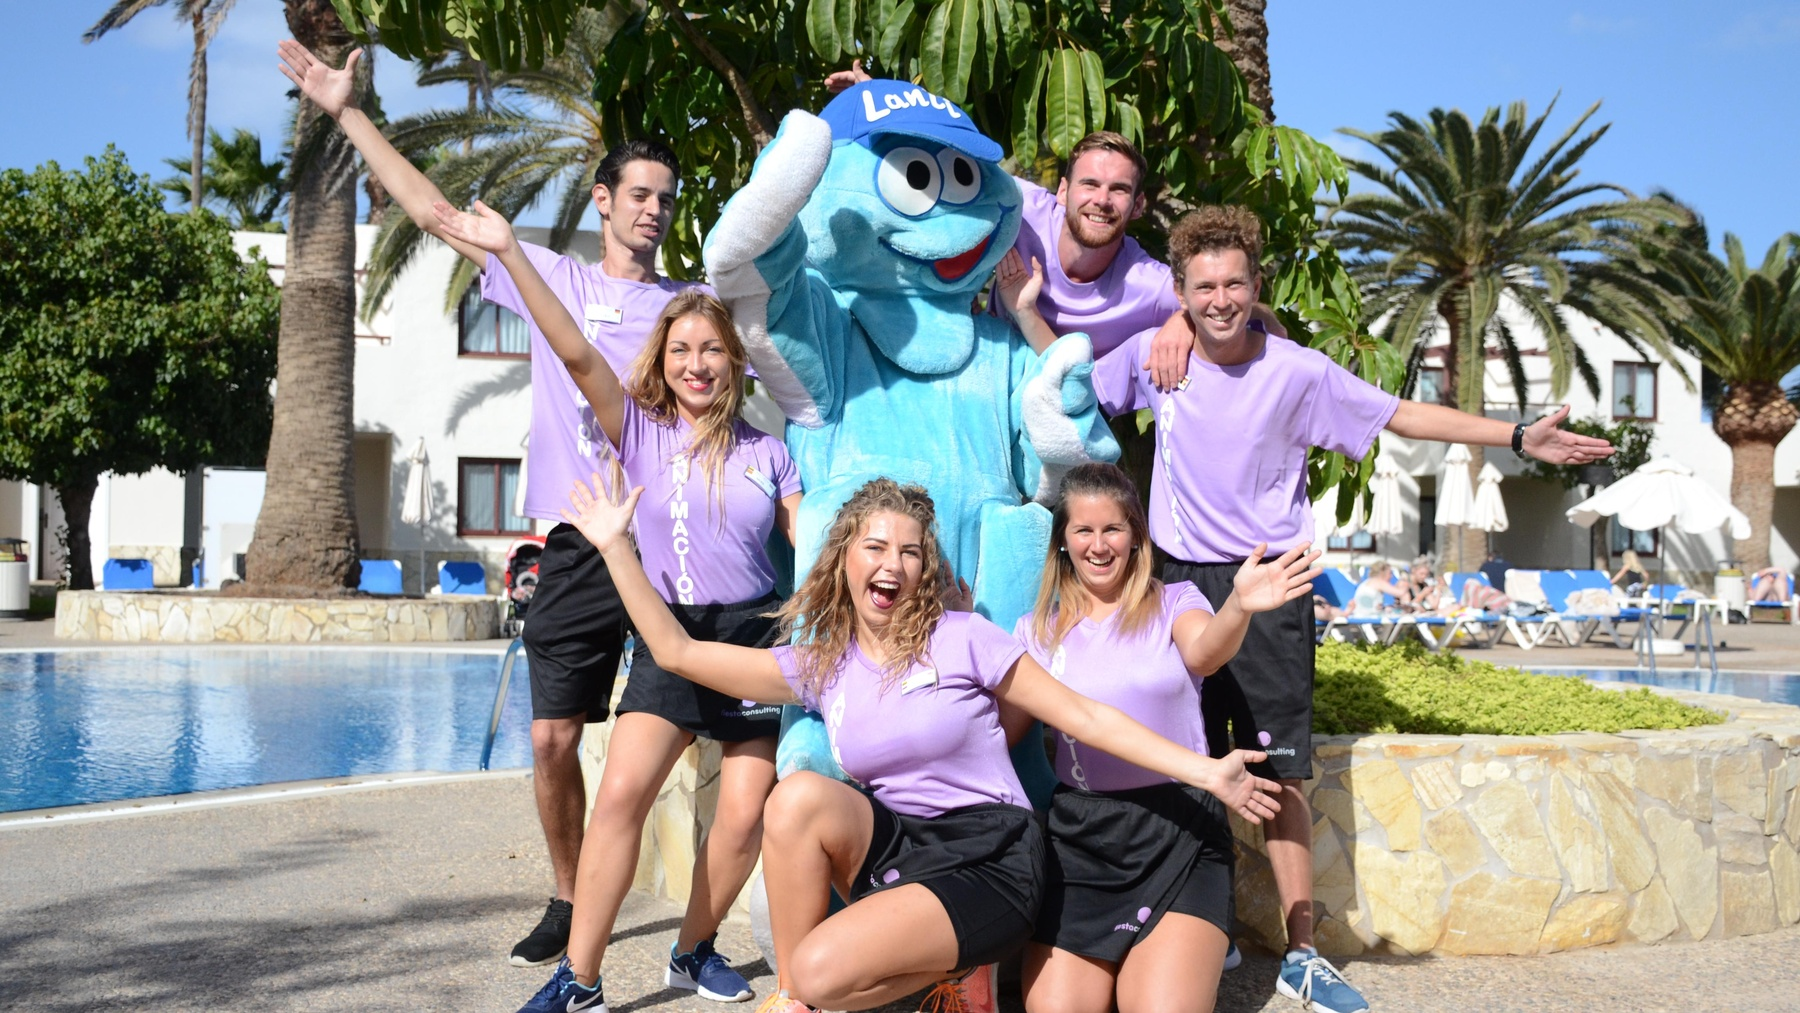 Actividades - Mini Club | Suite Hotel Atlantis Fuerteventura Resort